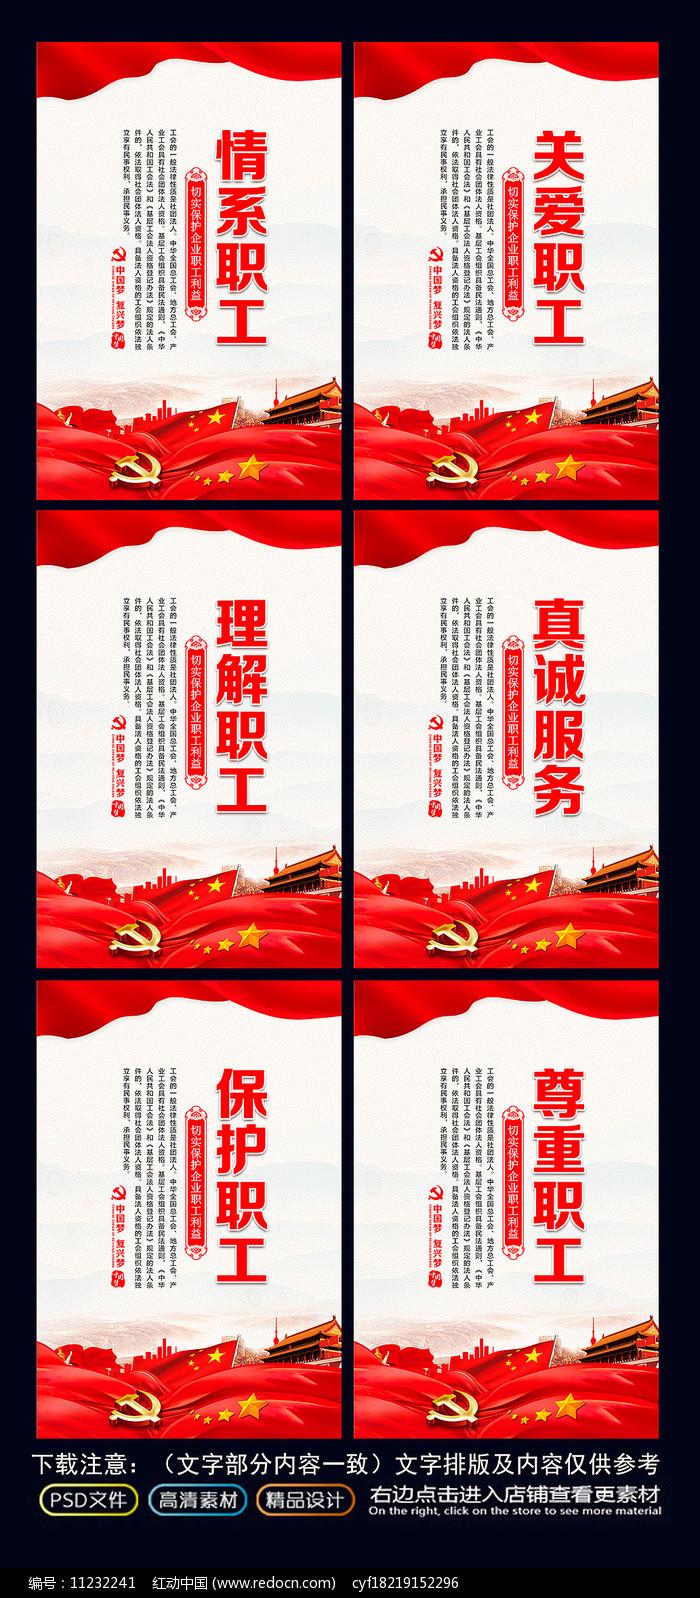 车间厂房职工之家工会标语展板图片